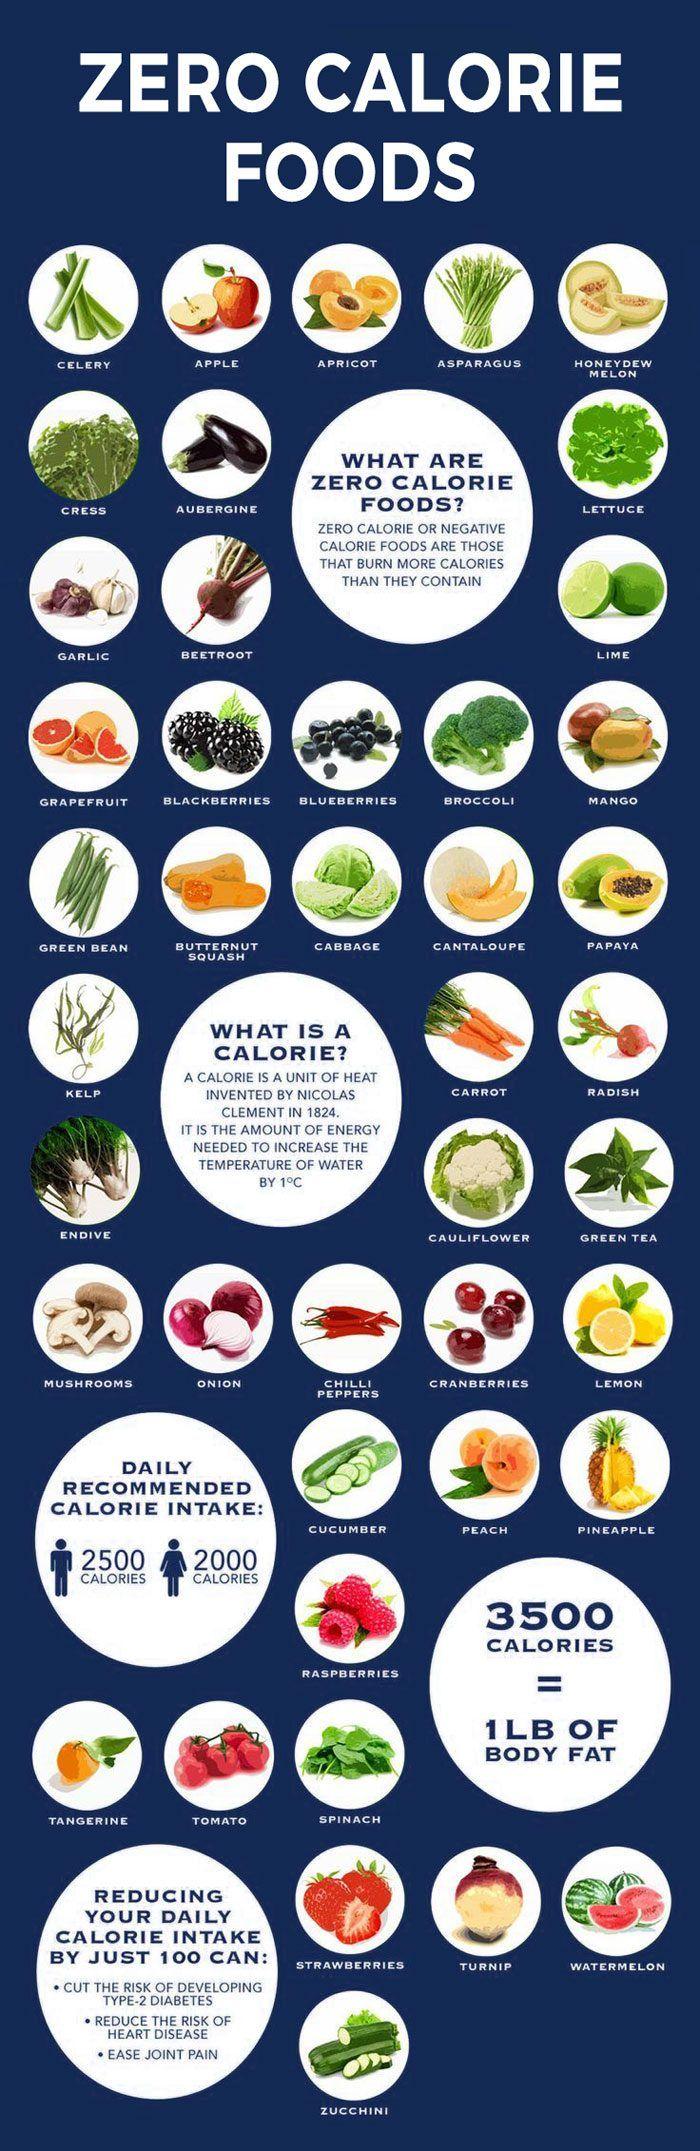 Best fat-burning foods. Zero calorie foods